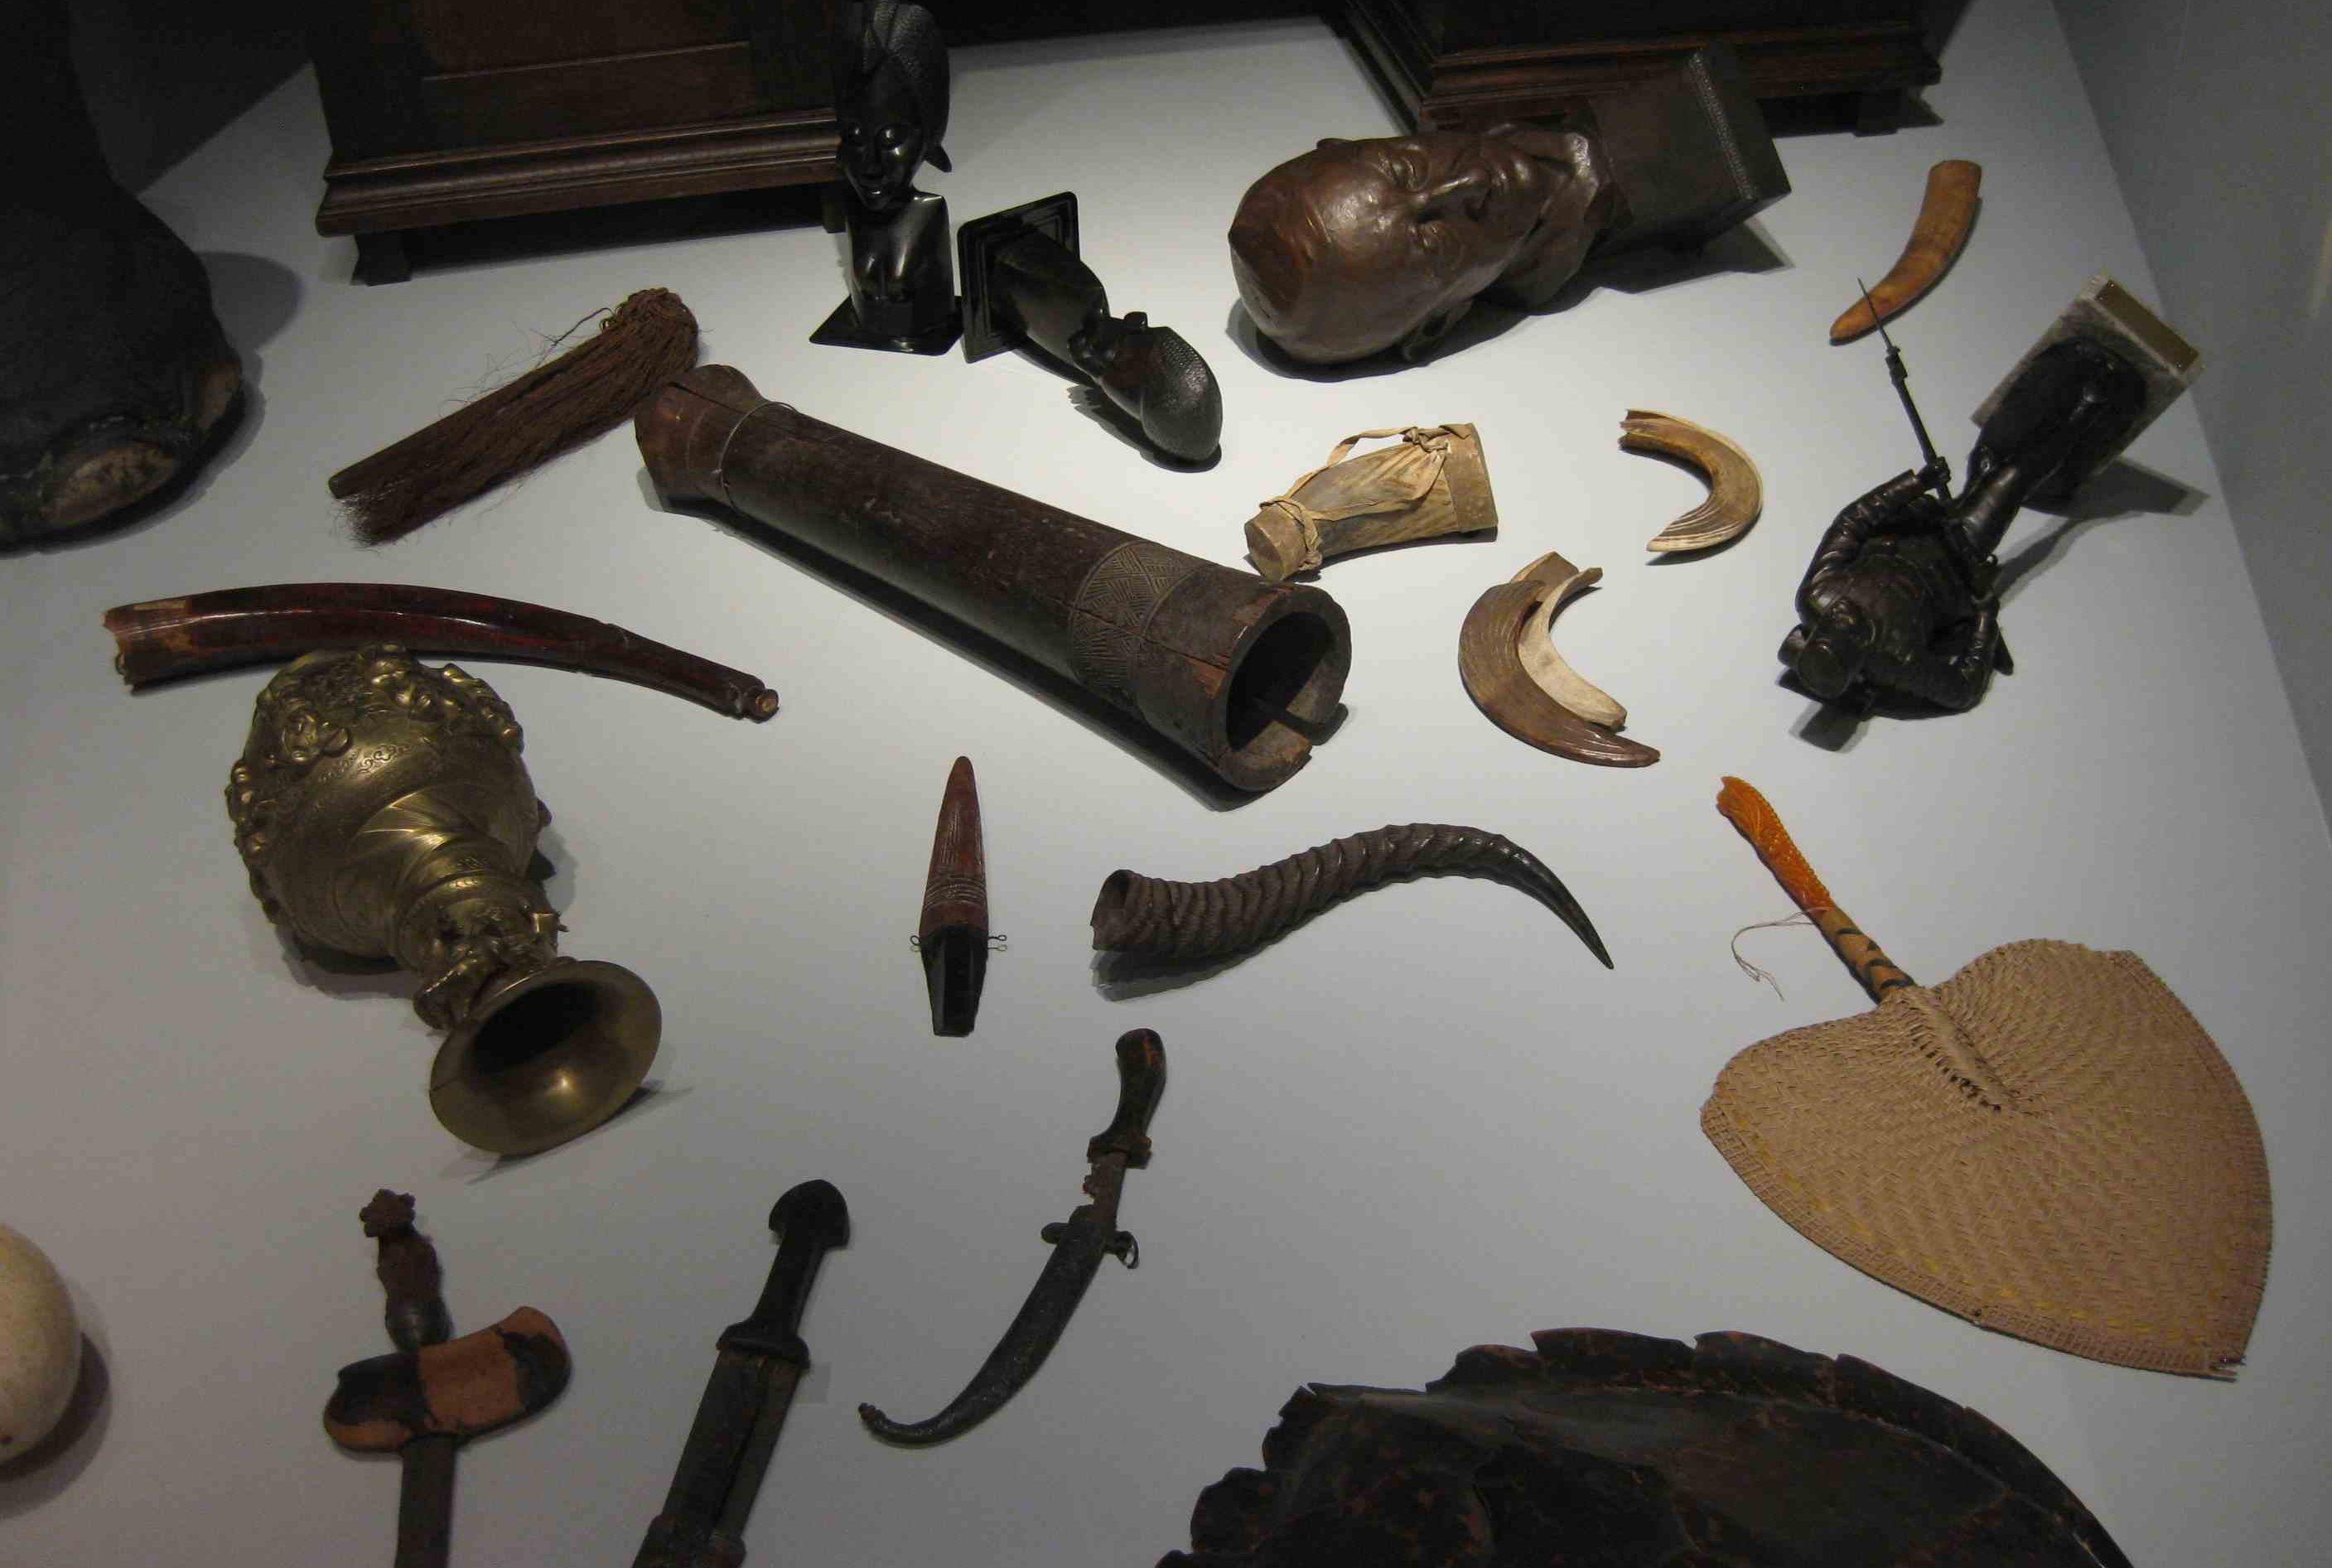 Sammelsurium im Deutschen Historischen Museum in Berlin